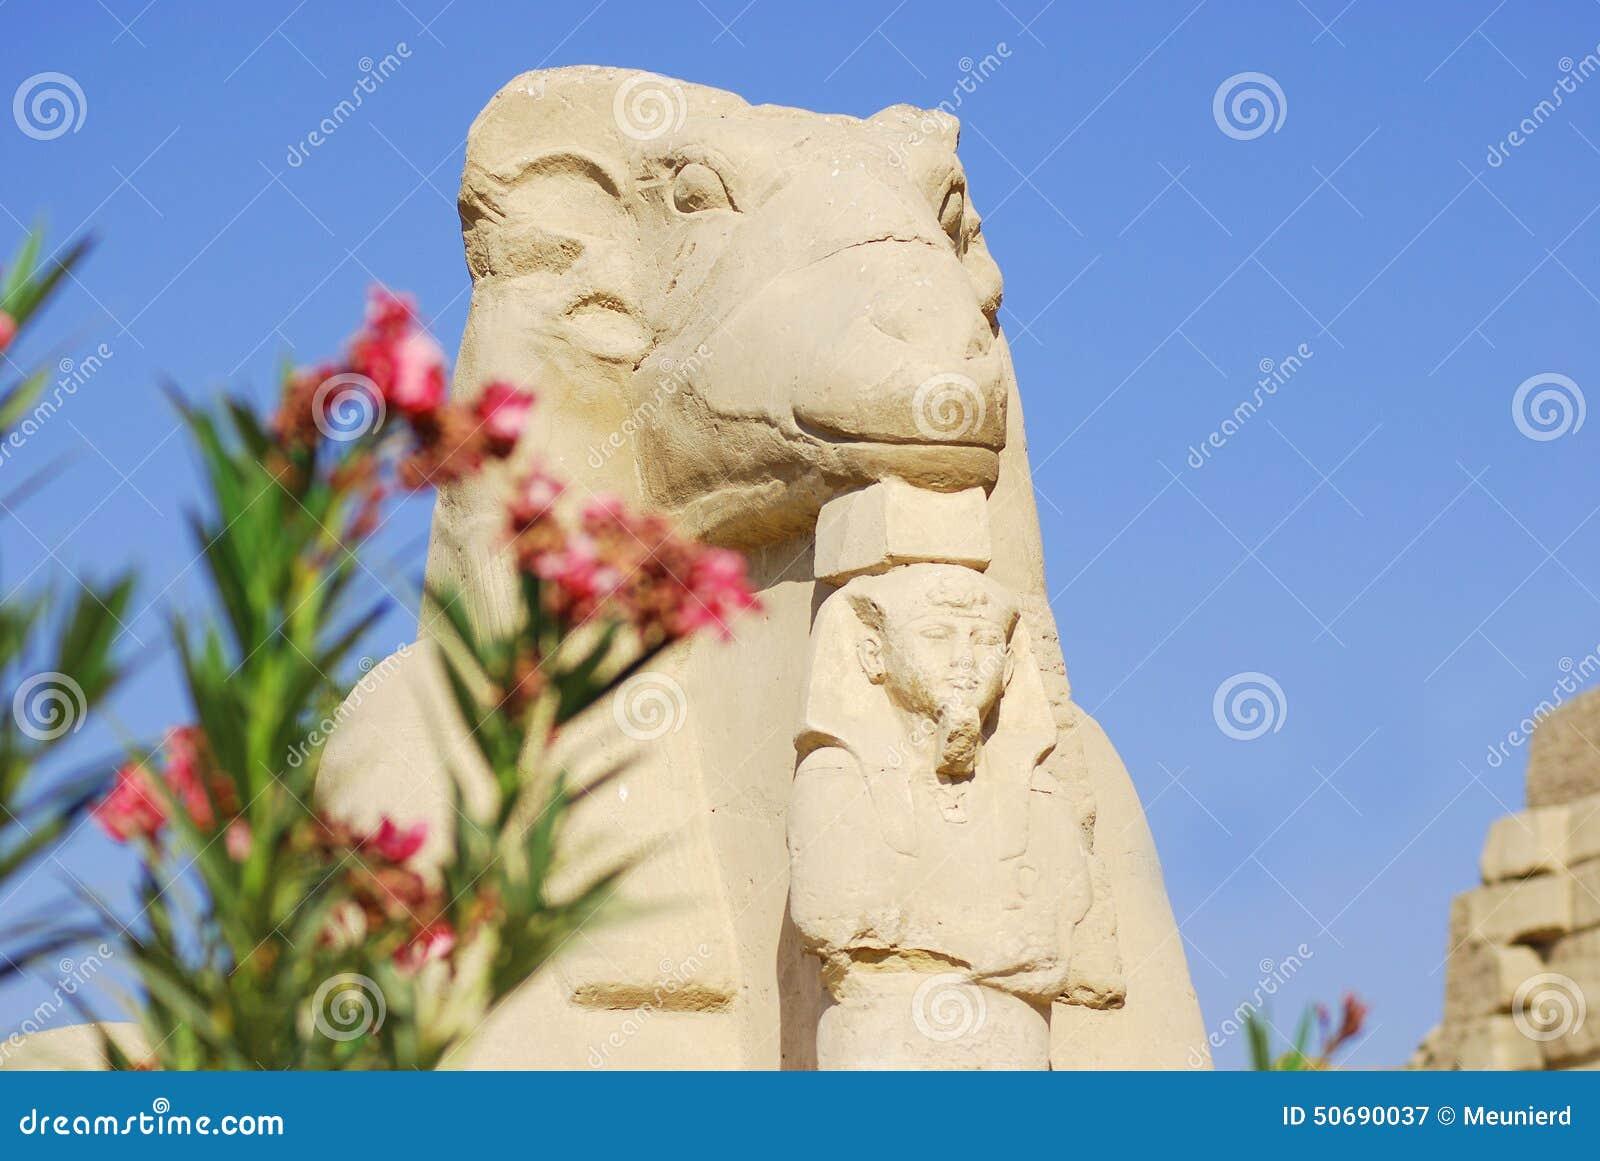 Download 朝向的公羊狮身人面象 库存图片. 图片 包括有 公羊, 闹事, 青蛙, 安排, 反气旋, 装饰, 神话, 埃及 - 50690037